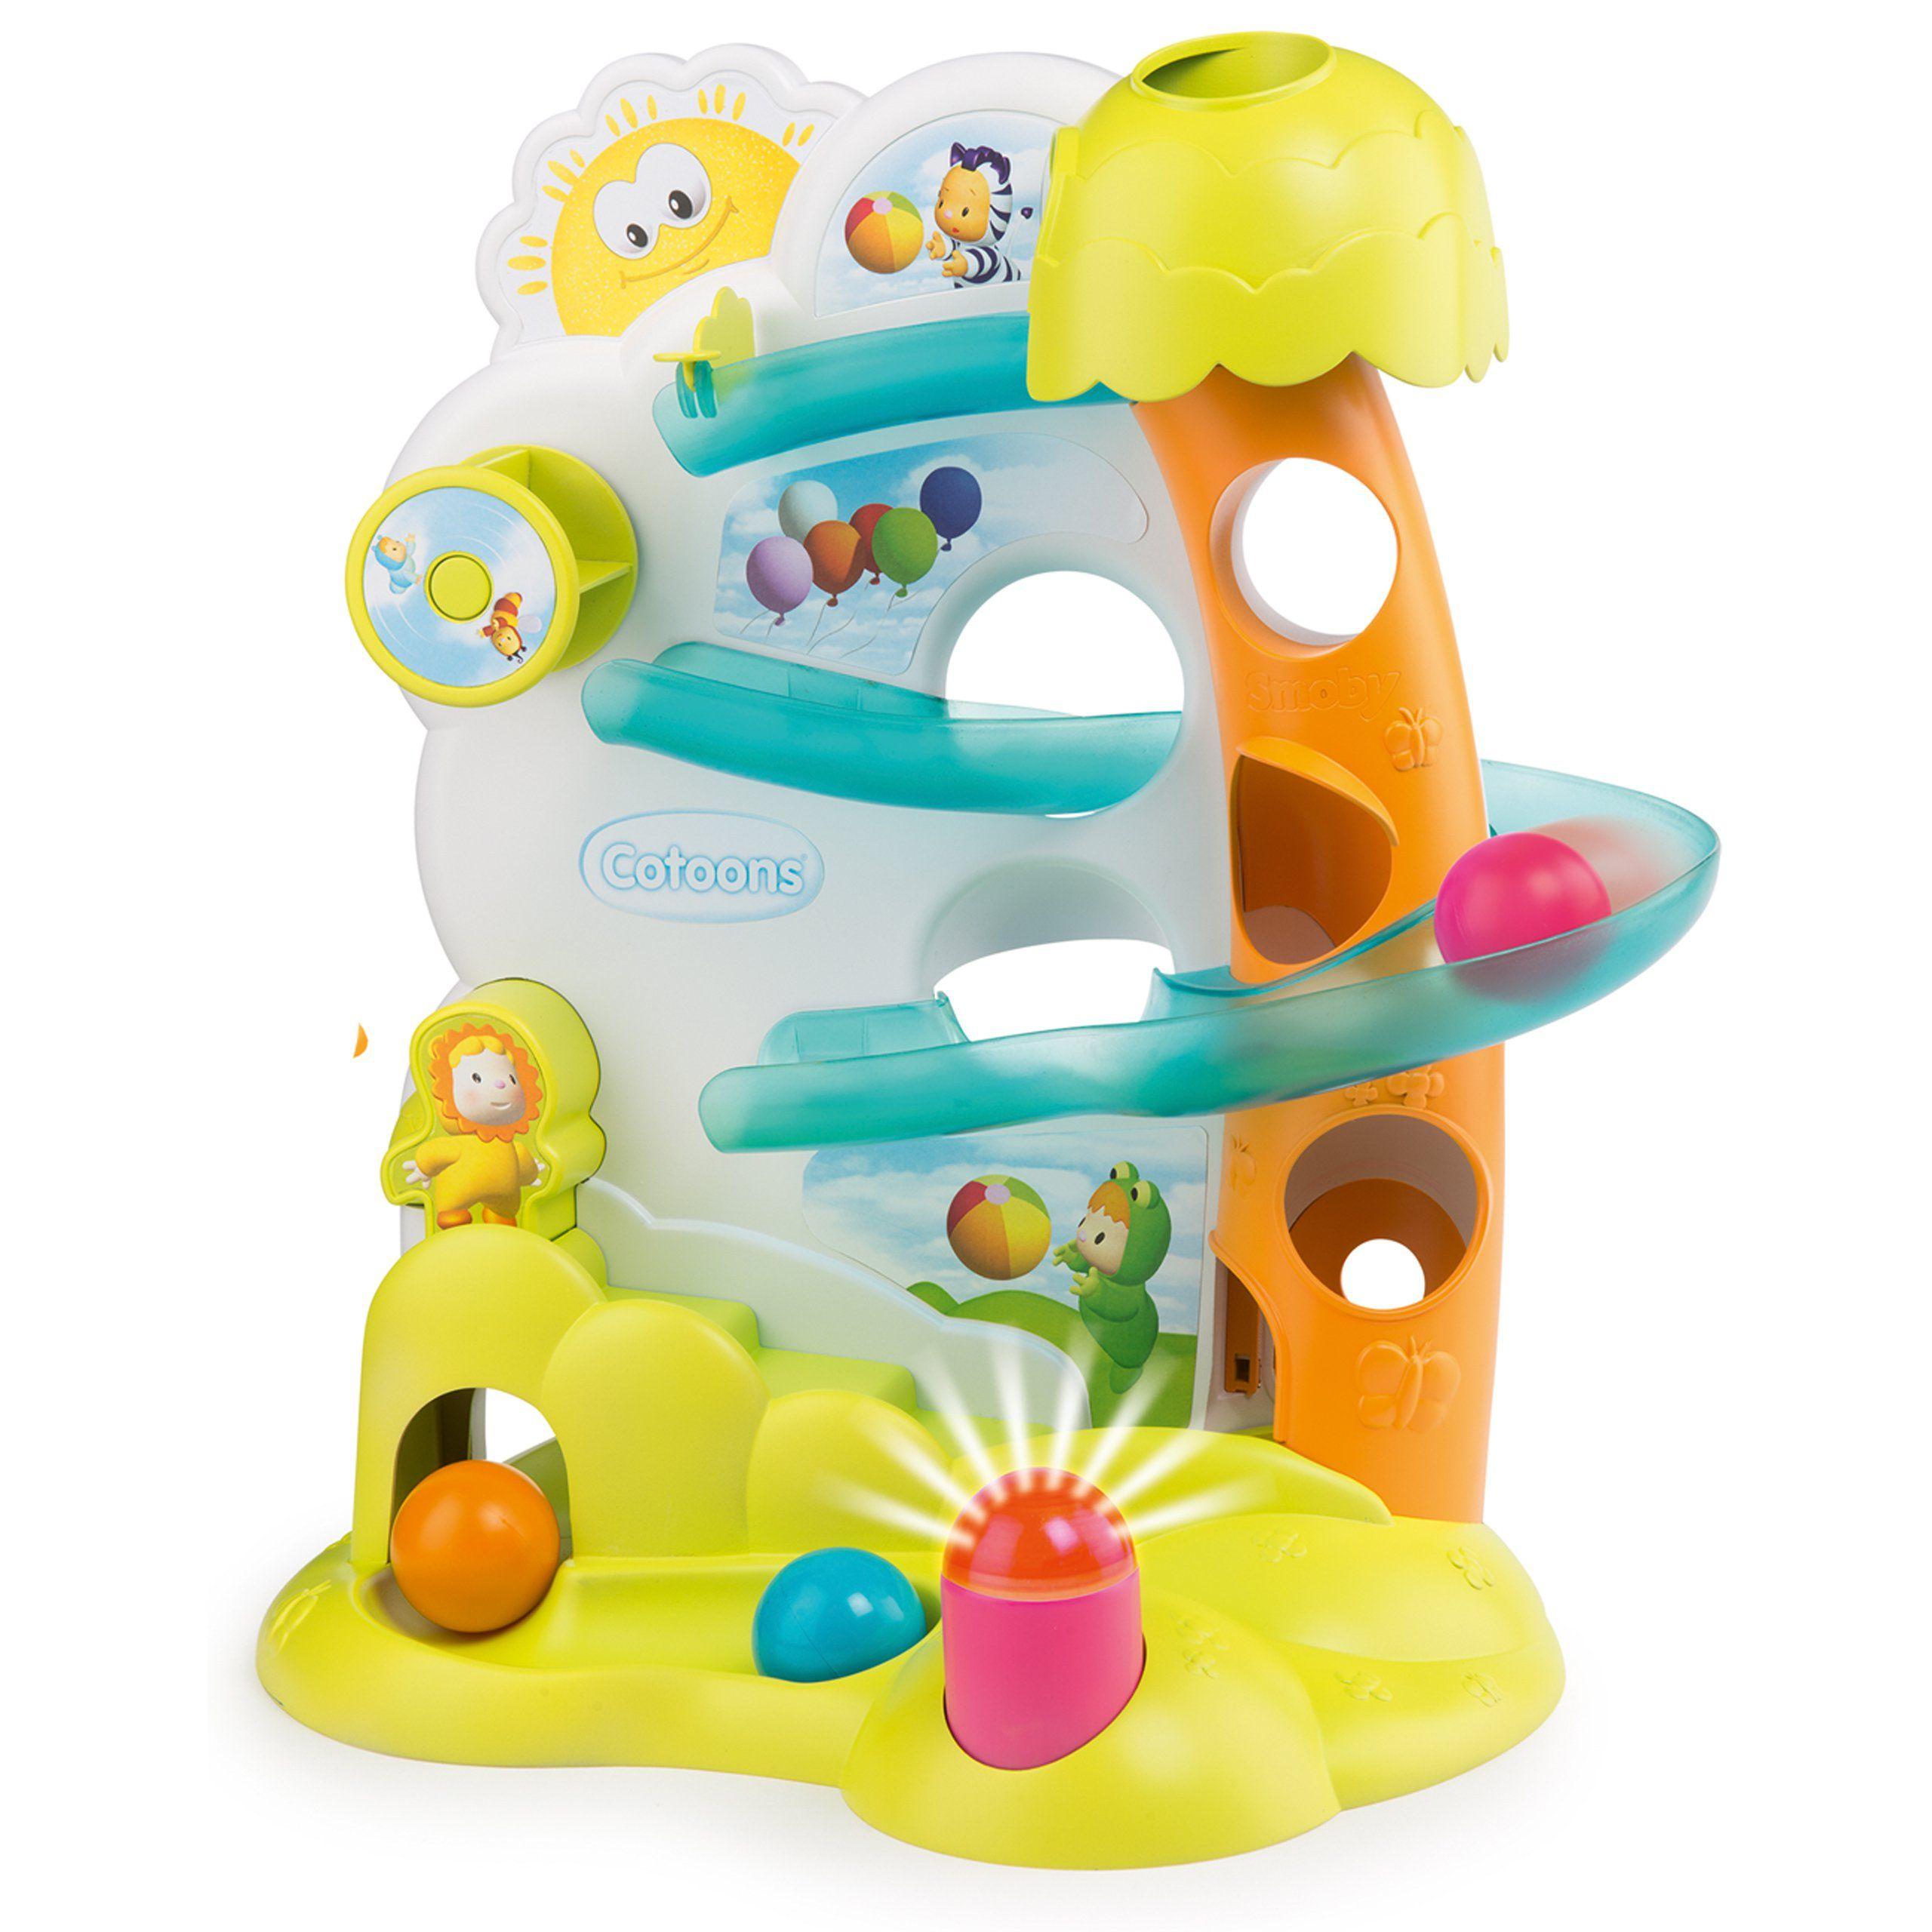 Smoby Cotoons Elektroniczna Rampa Do Gry W Kulki Brykacze Pl Sklep Z Zabawkami Decor Toys Outdoor Decor